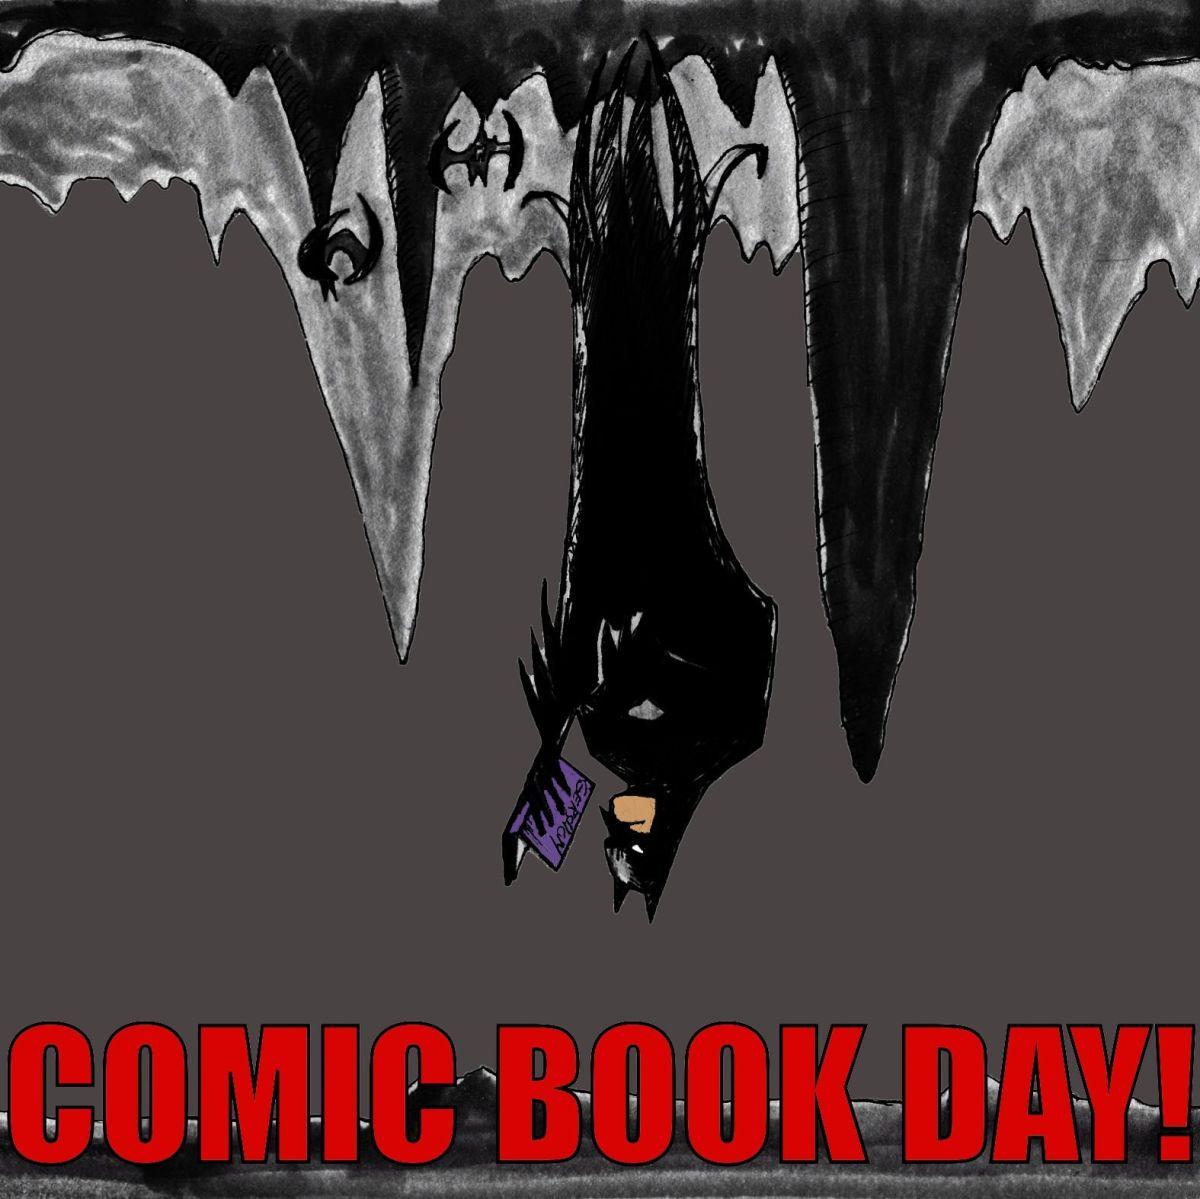 Próximos cómics: 23 de junio de 2020